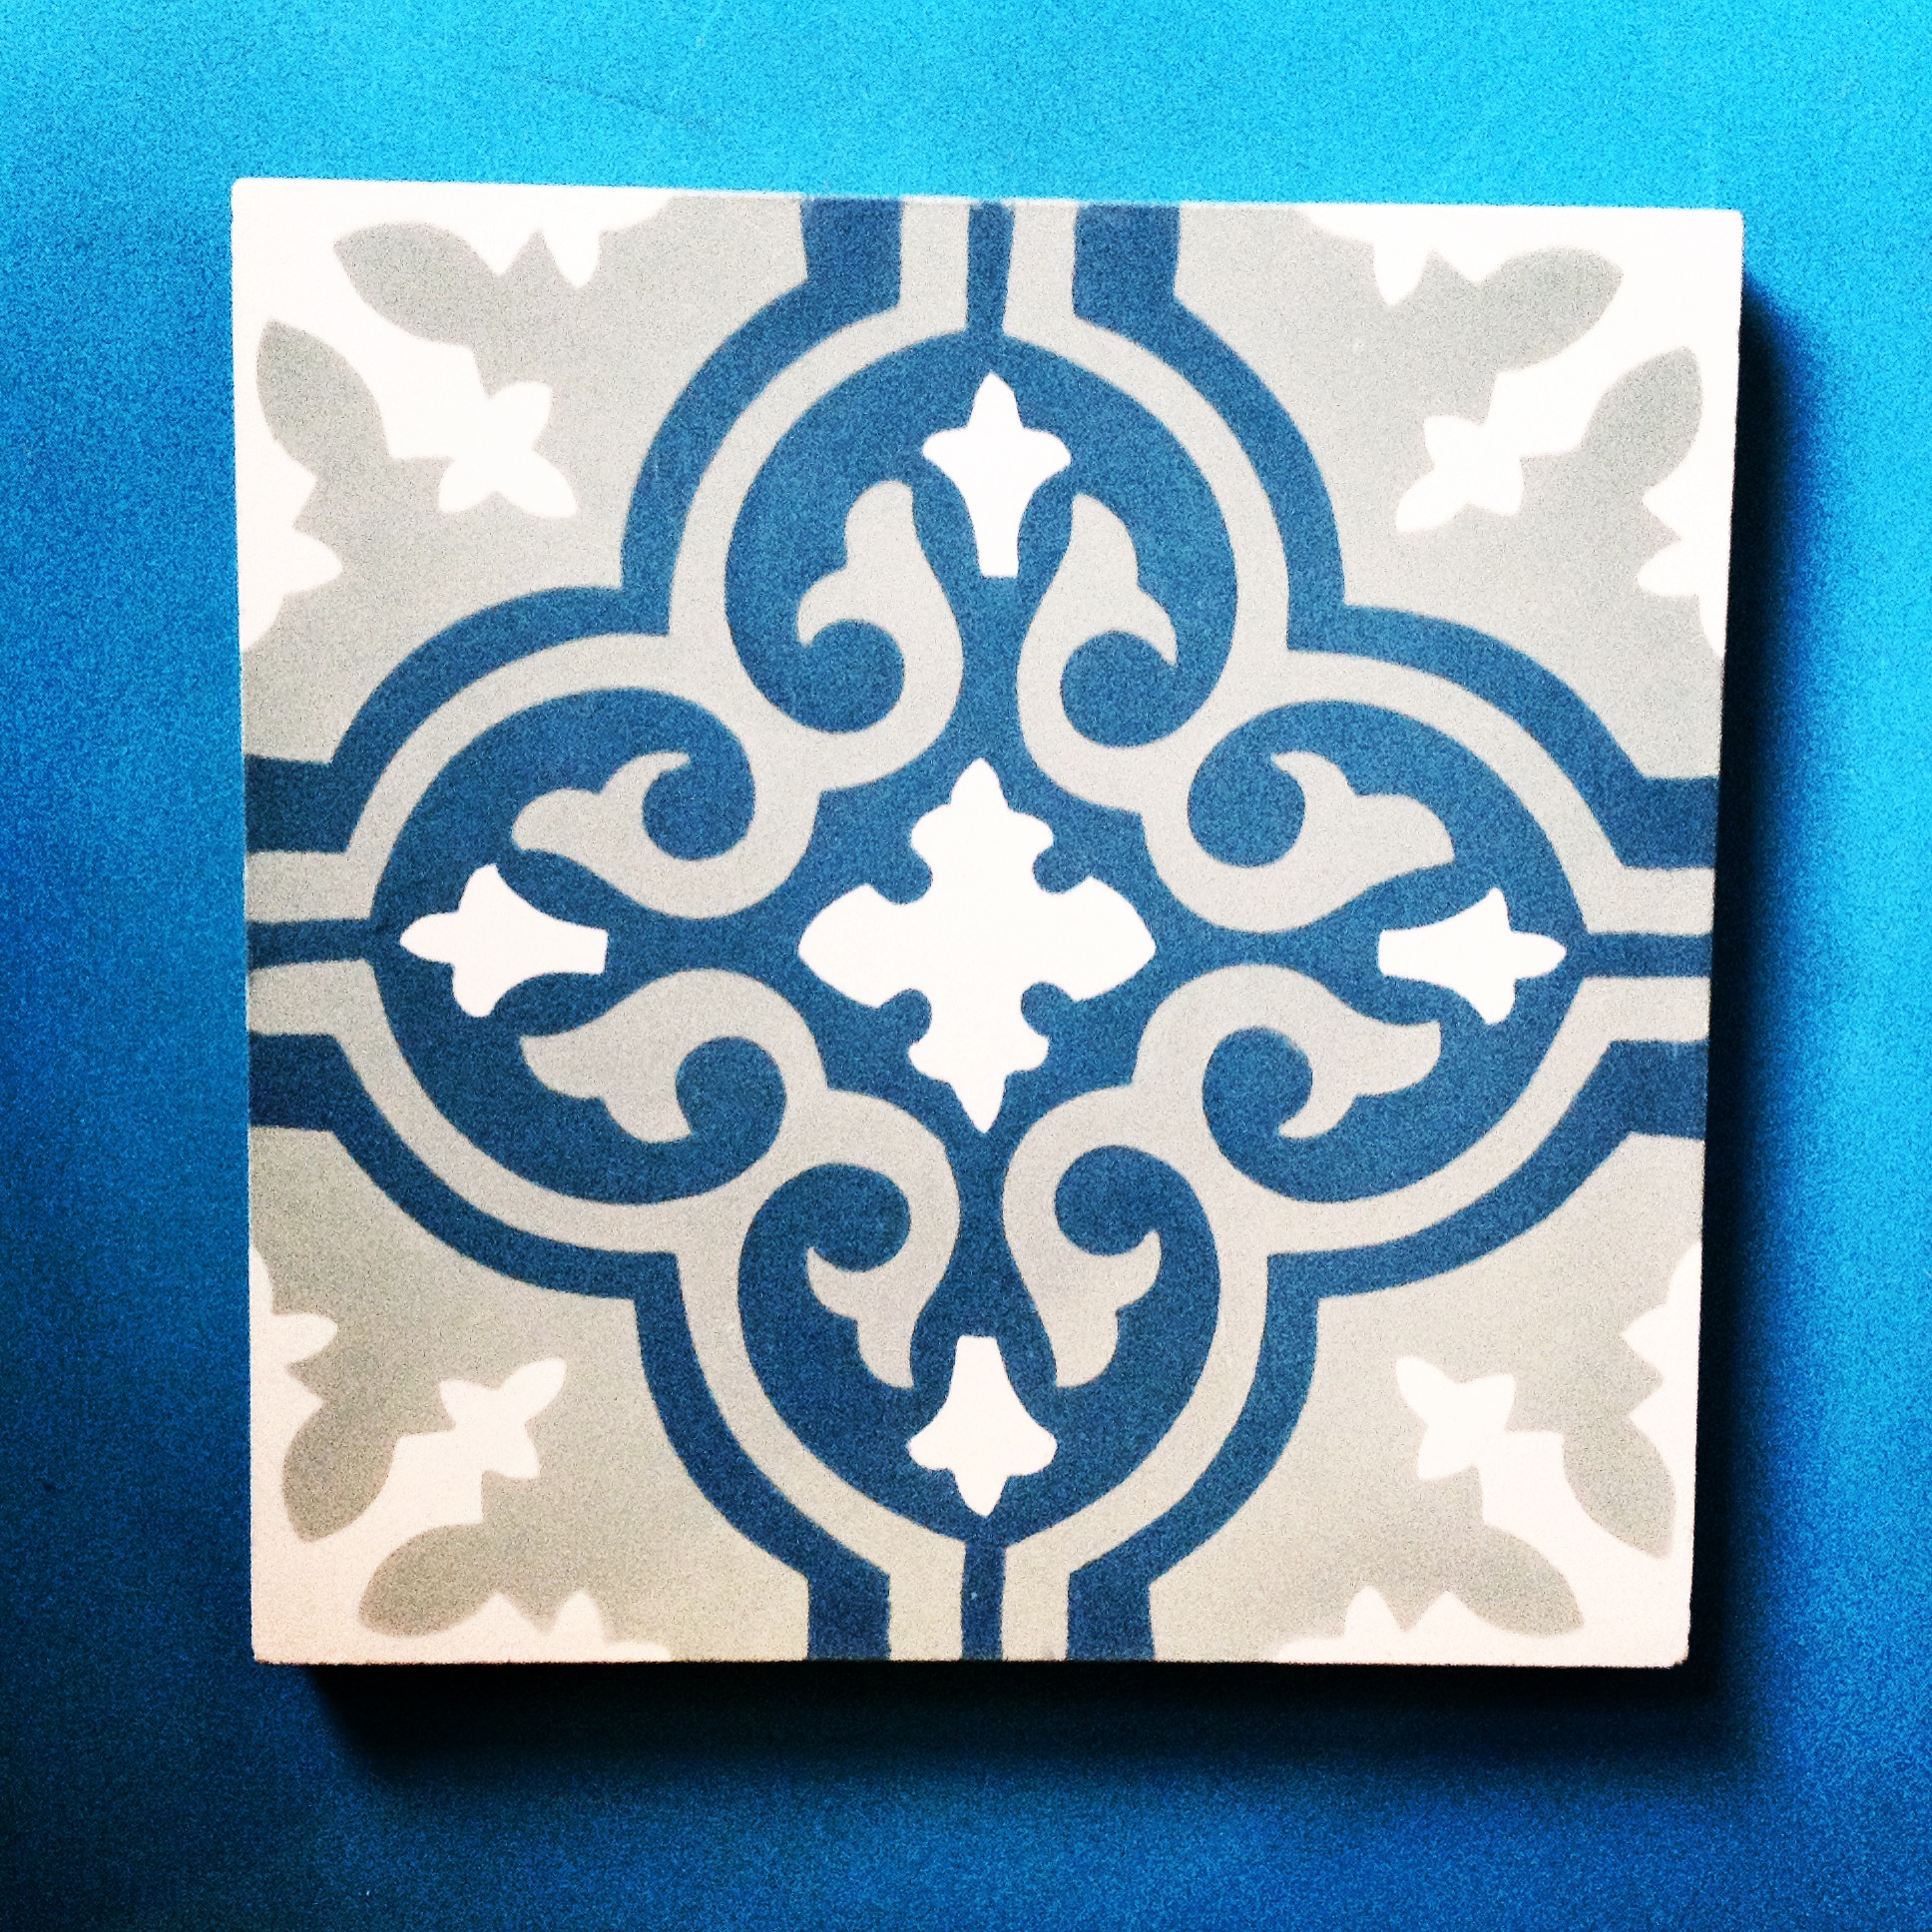 4 cementowe plytki marokanskie kafelki z meksyku urzadzanie wnetrz etniczne mieszkanie interior design ethnic apartment concrete morrocan tiles mexico style santa fe home kolory maroka